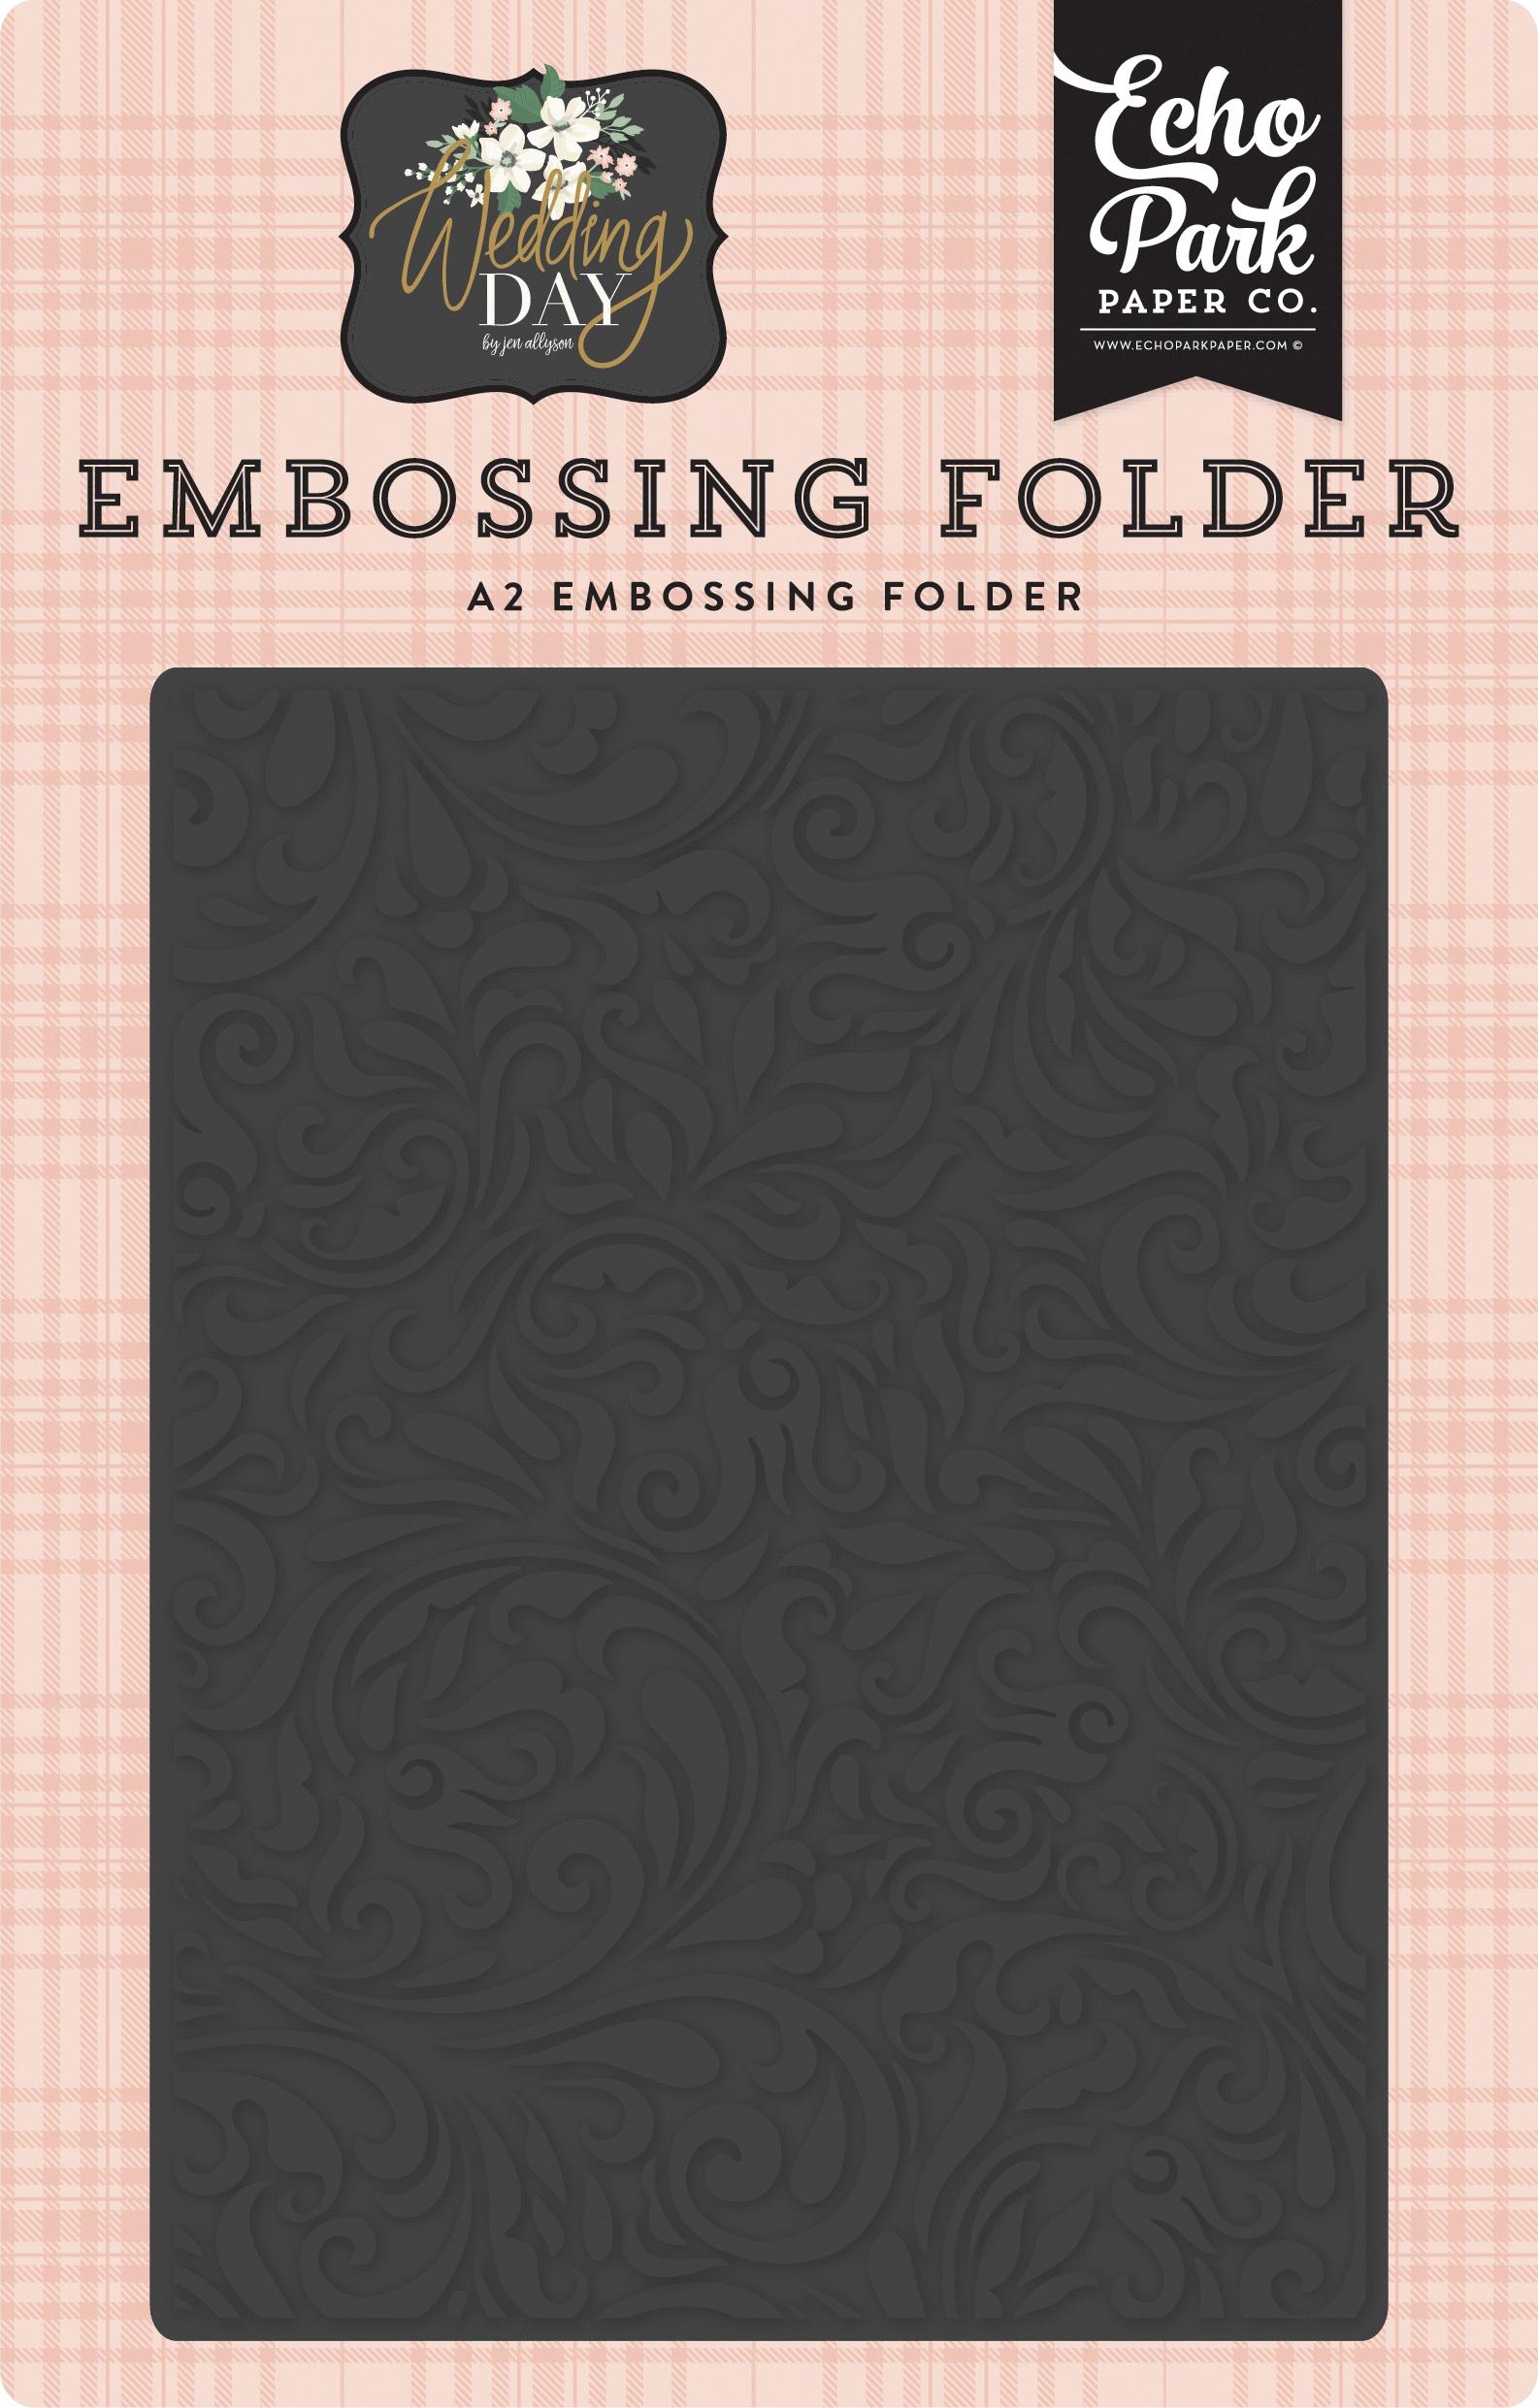 Echo Park Embossing Folder A2-Elegant Damask